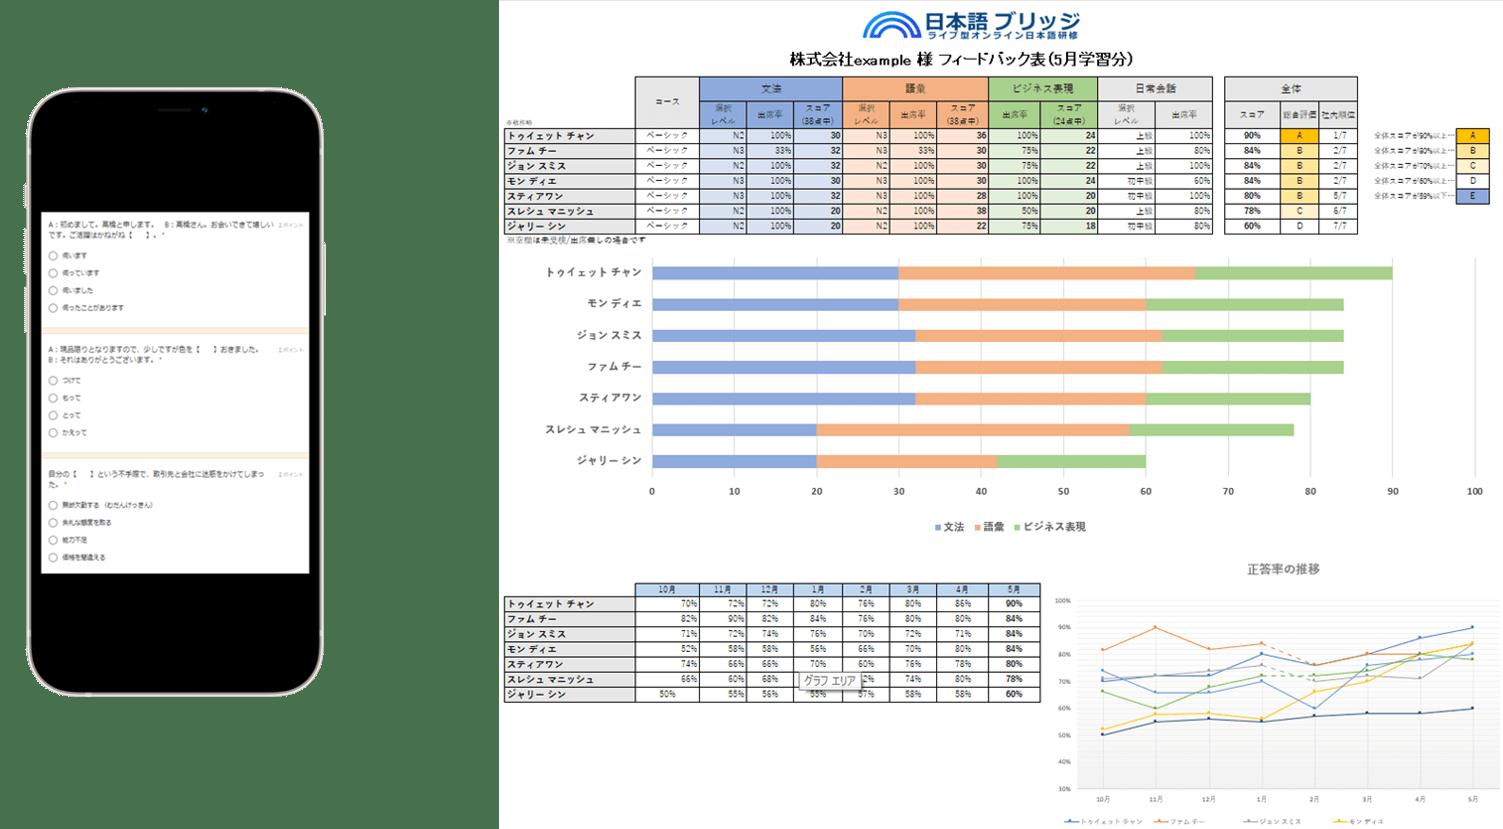 月1回、日本語のテストをし、テスト結果と出席率を企業へ報告